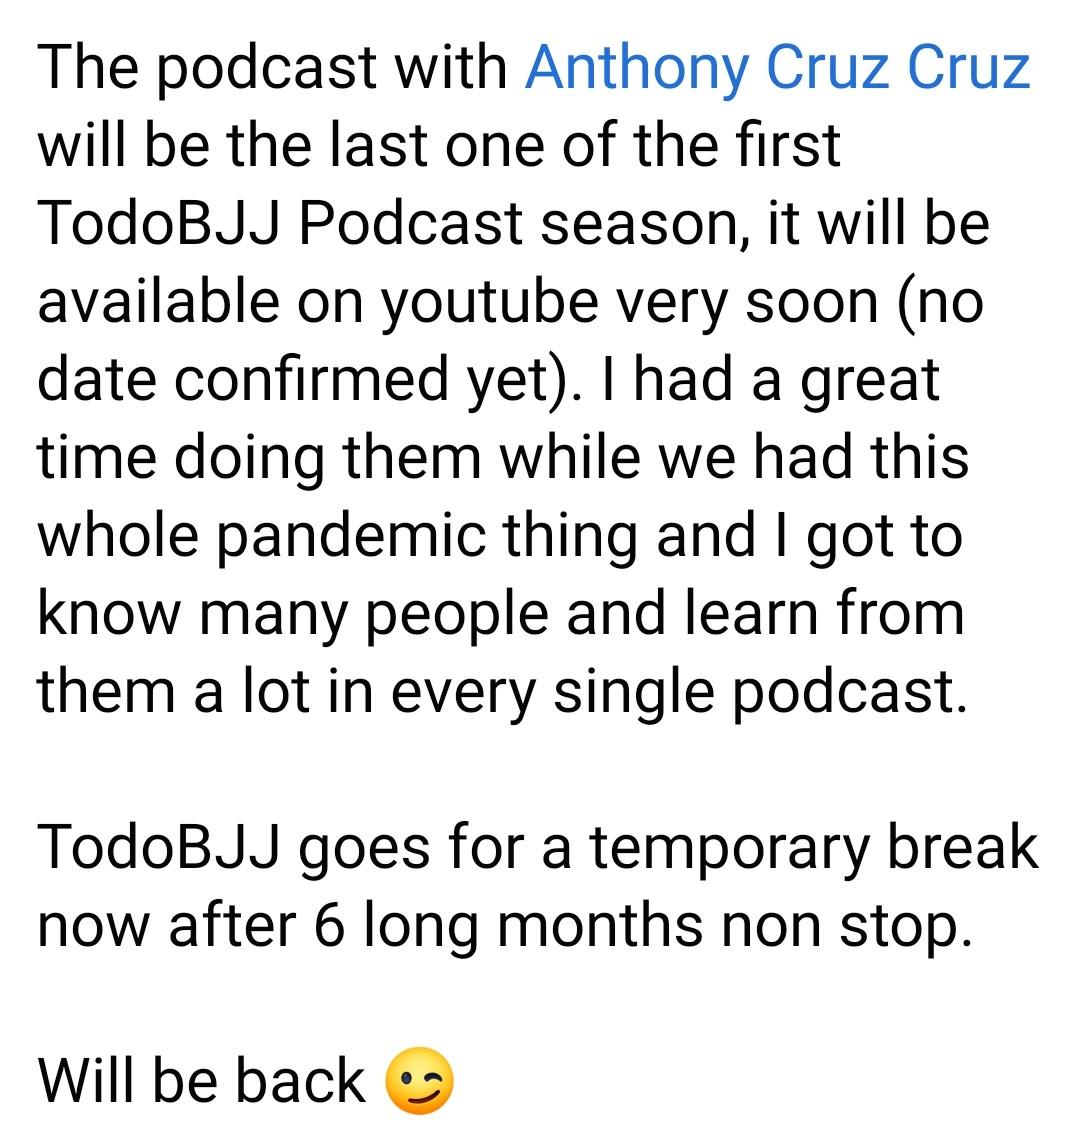 Thanks my friend @BjjTodo for the opportunity!!!🤙 #AnthonyTheTigerCruz #TeamRenzoGracie @Twitter https://t.co/AP2DO858vK